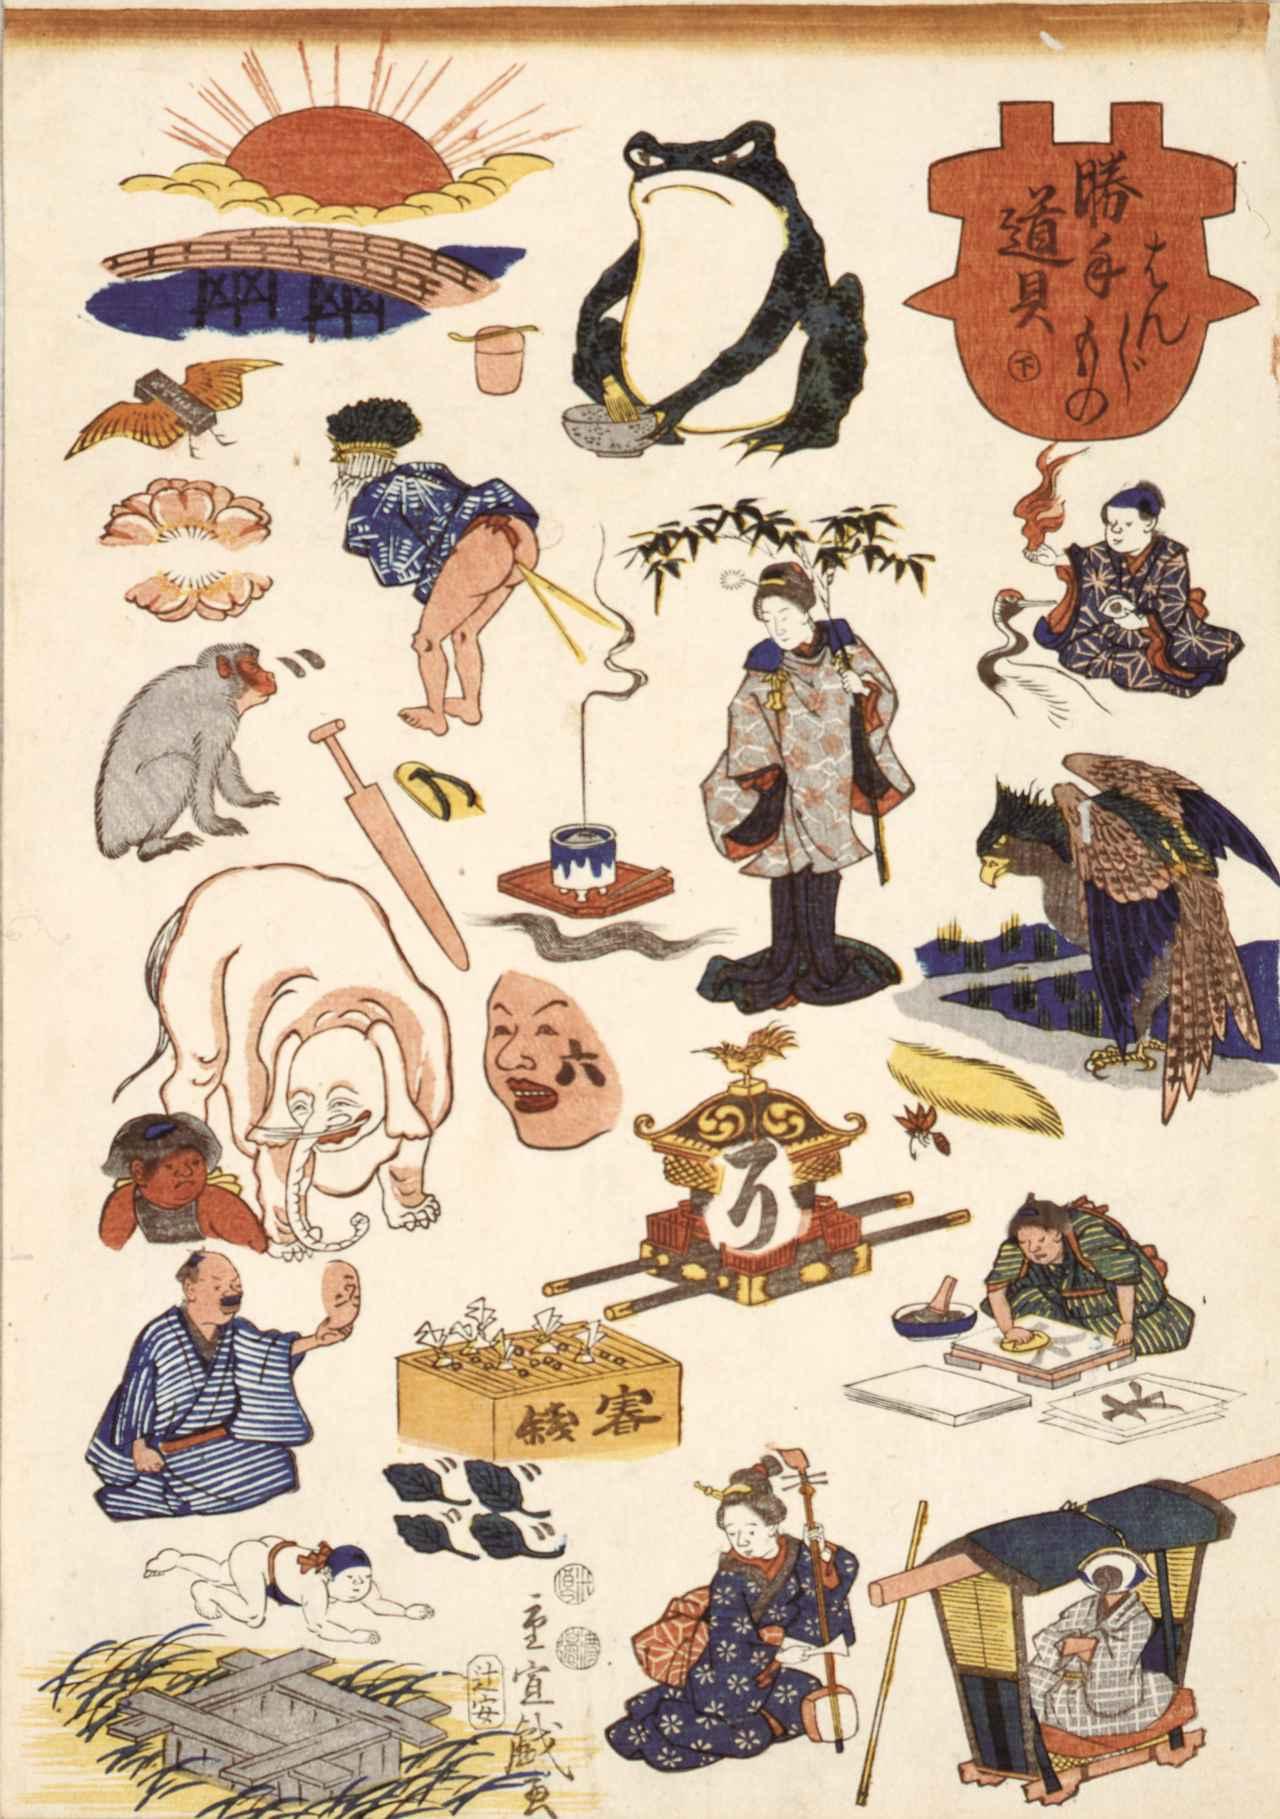 画像: 歌川重宣 勝手道具はんじもの 下 嘉永4年(1851)